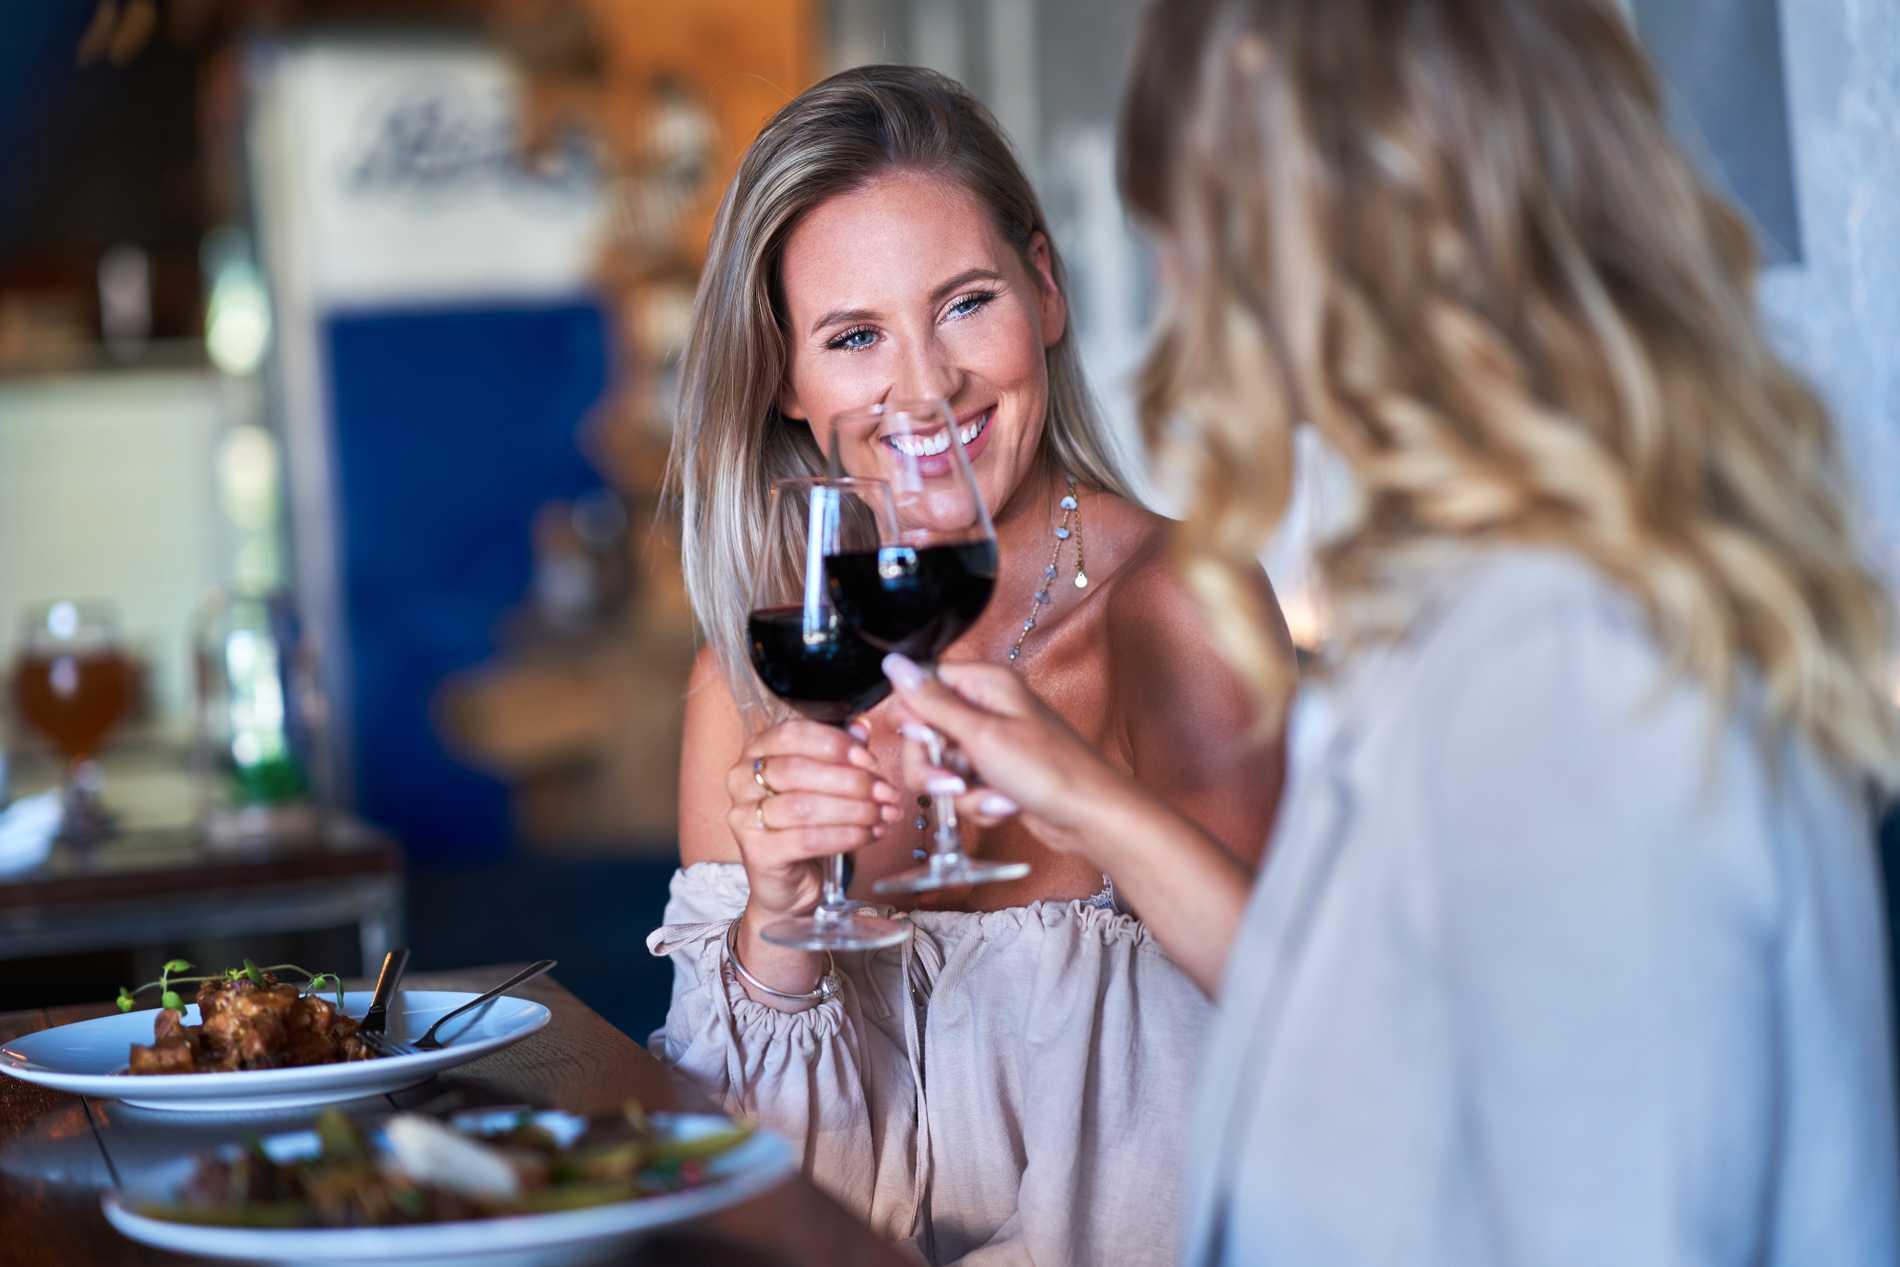 Middagar är populärt för att hålla kärleken vid liv.